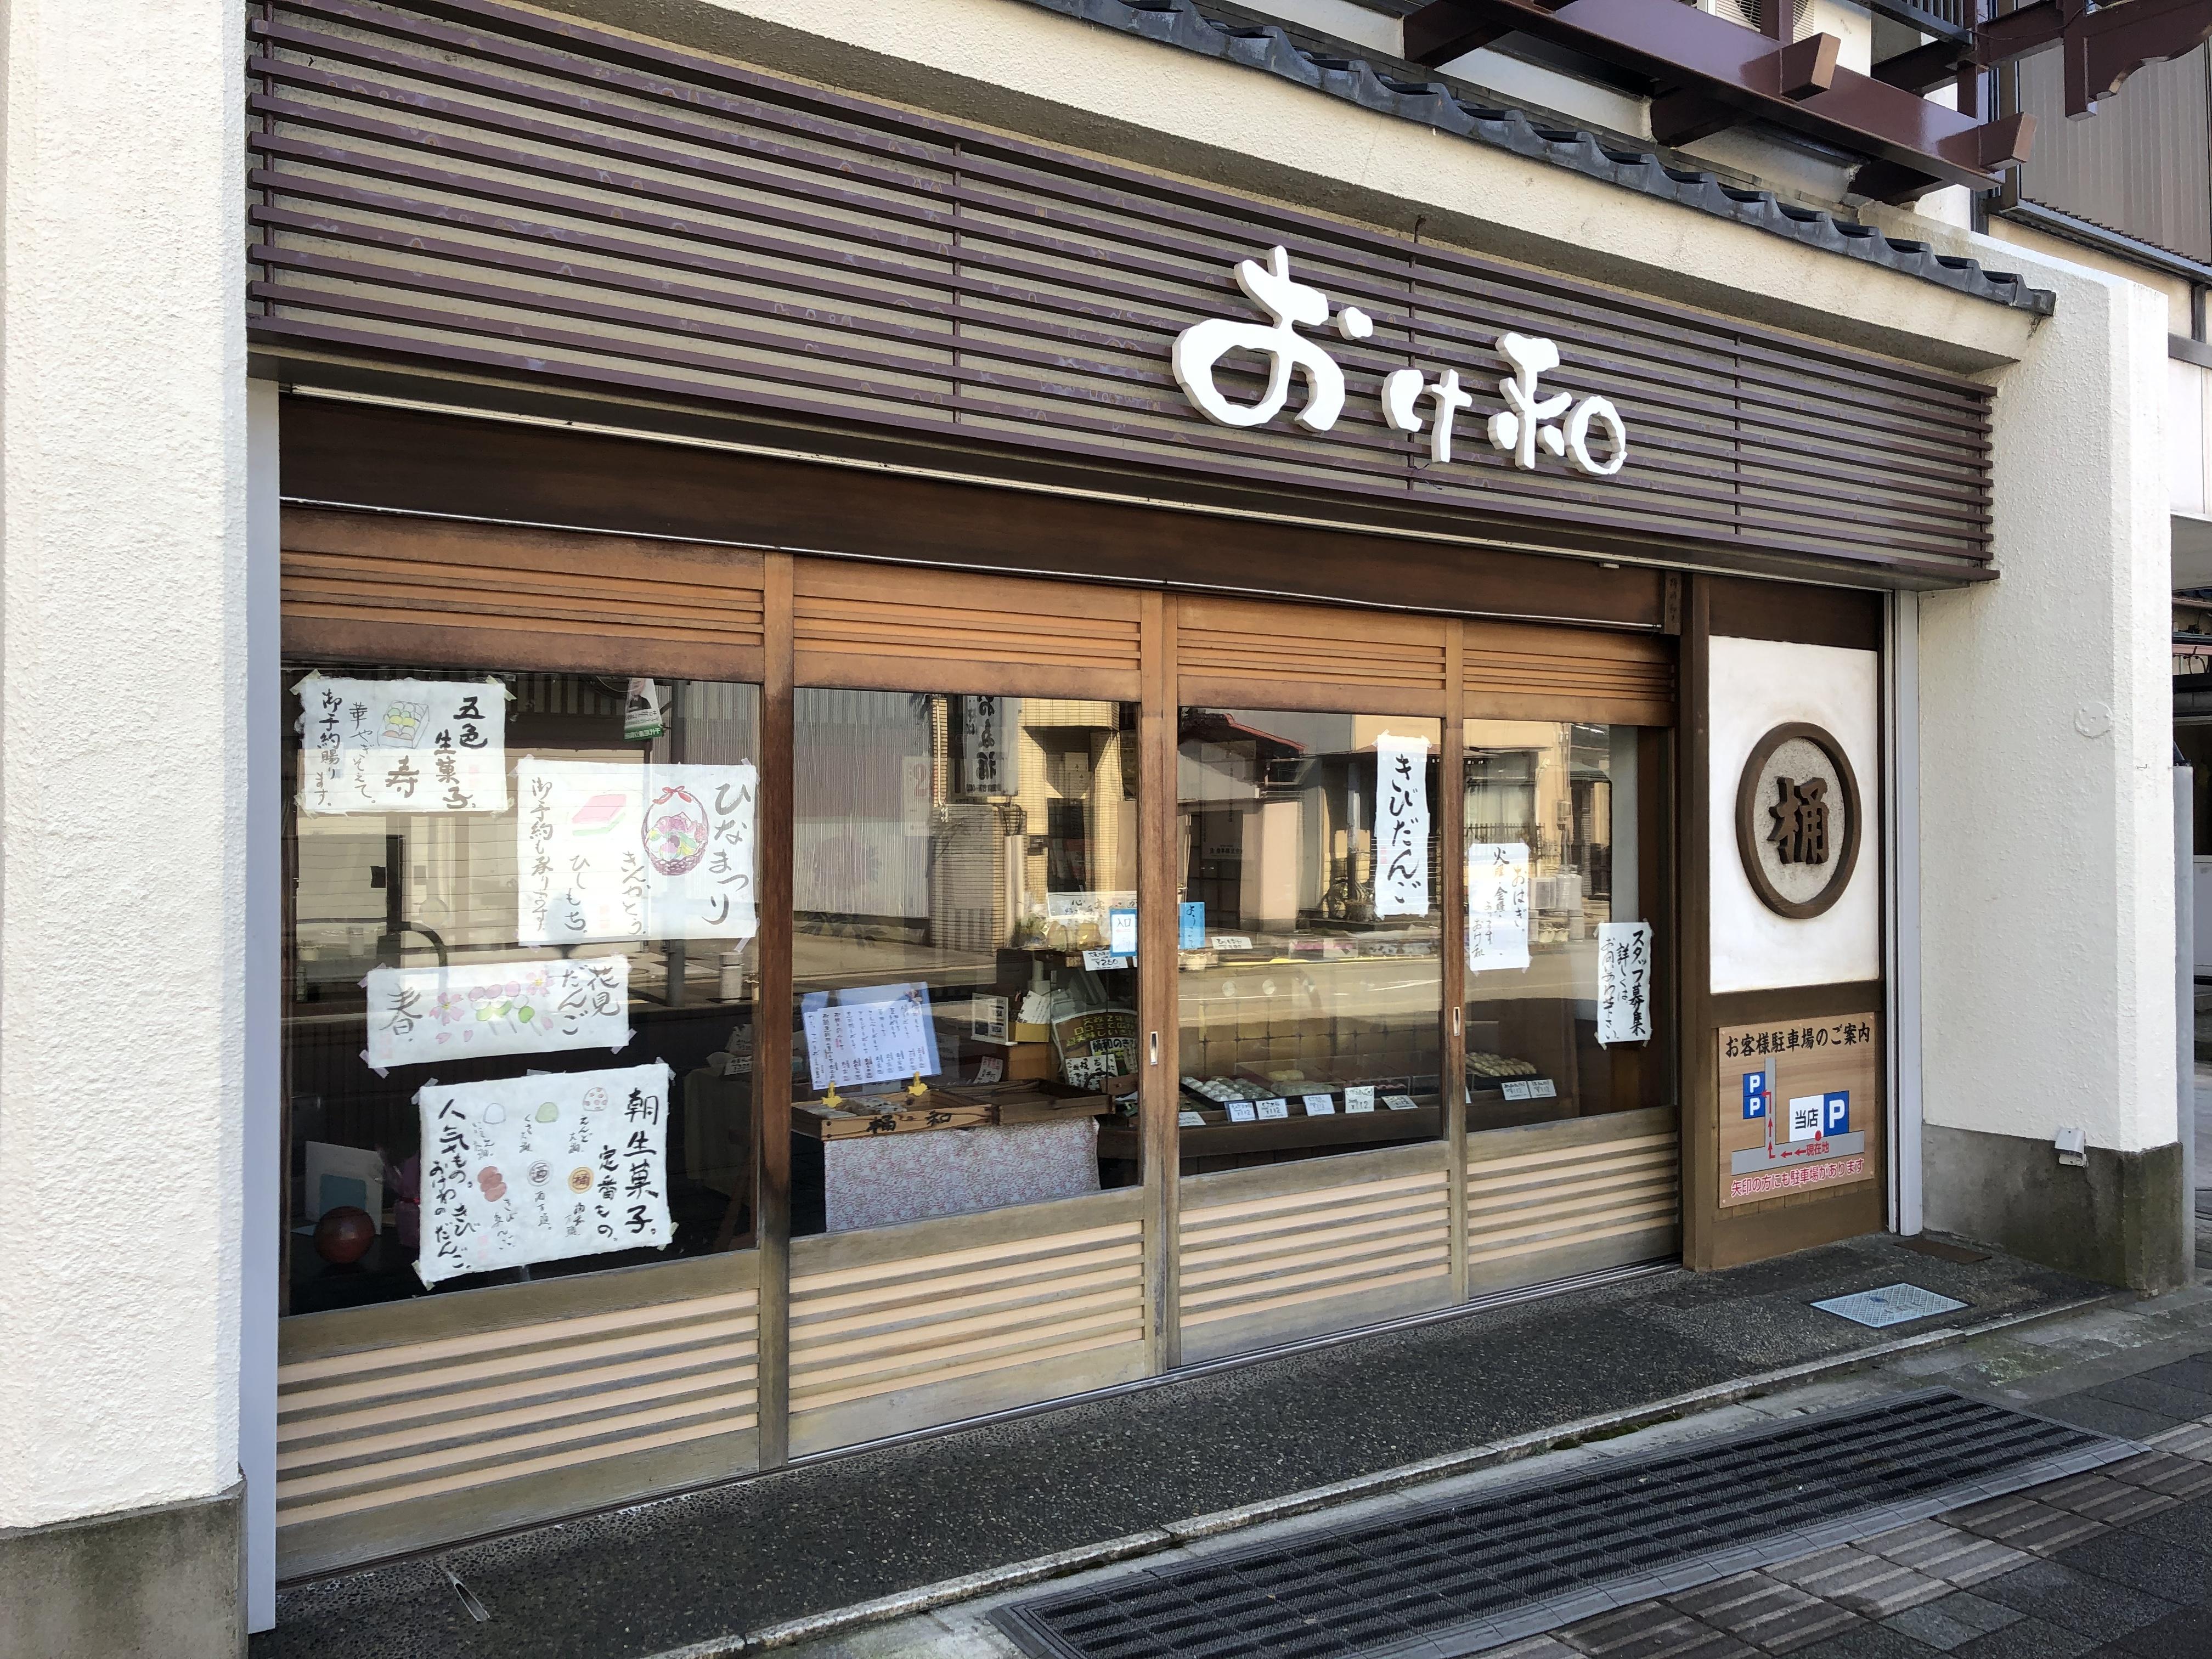 白山市の松任の和菓子屋の桶和饅頭店